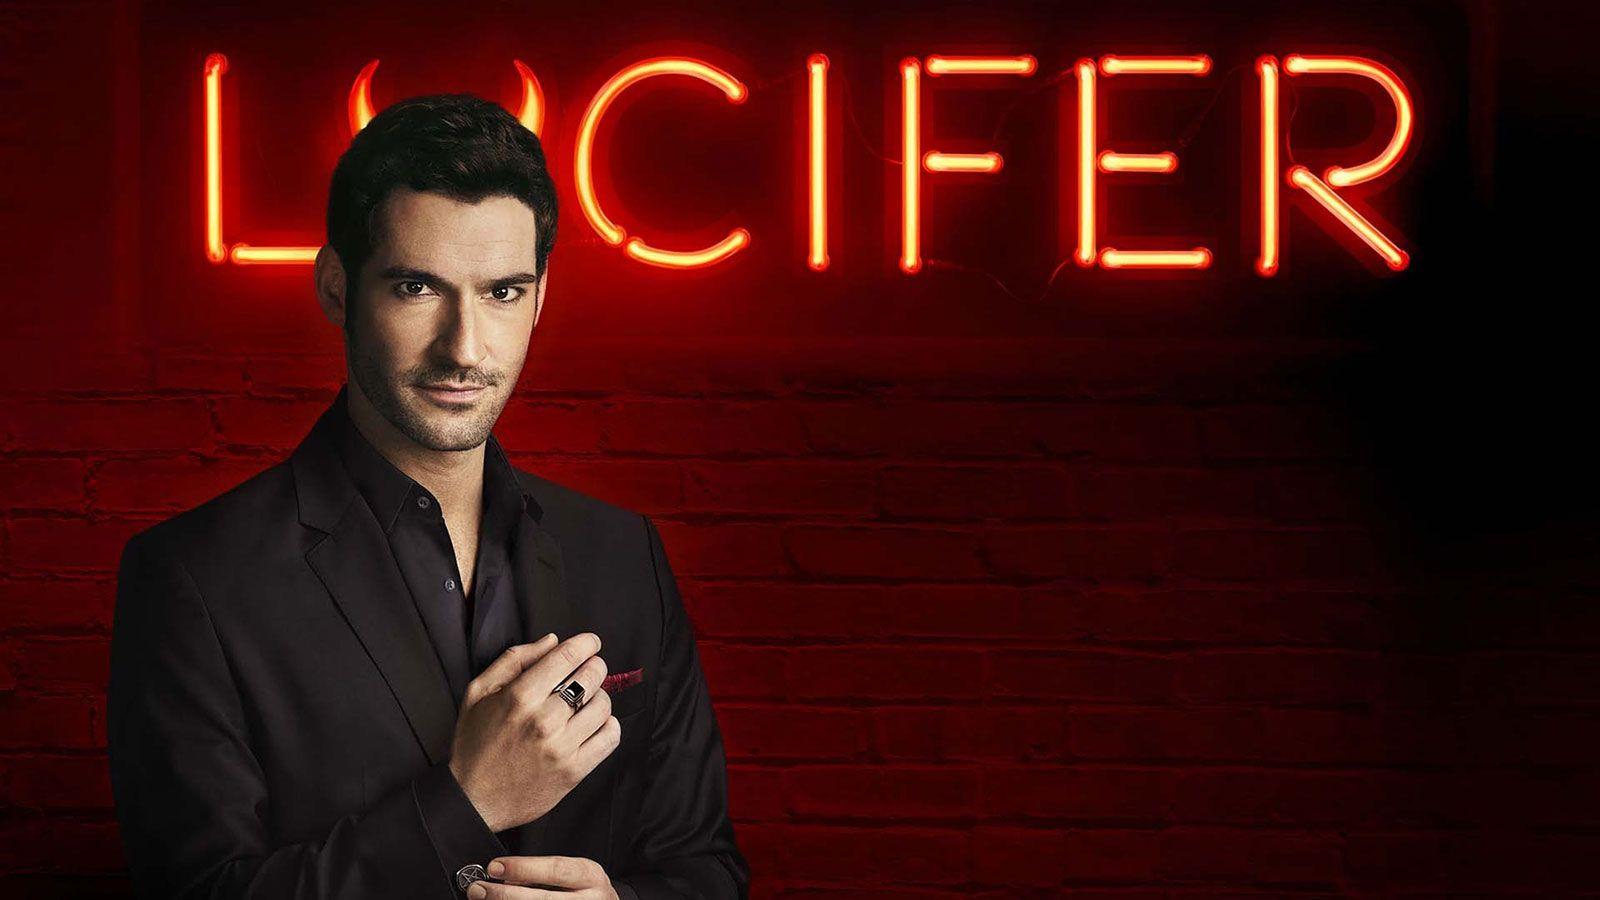 Lucifer. Netflix